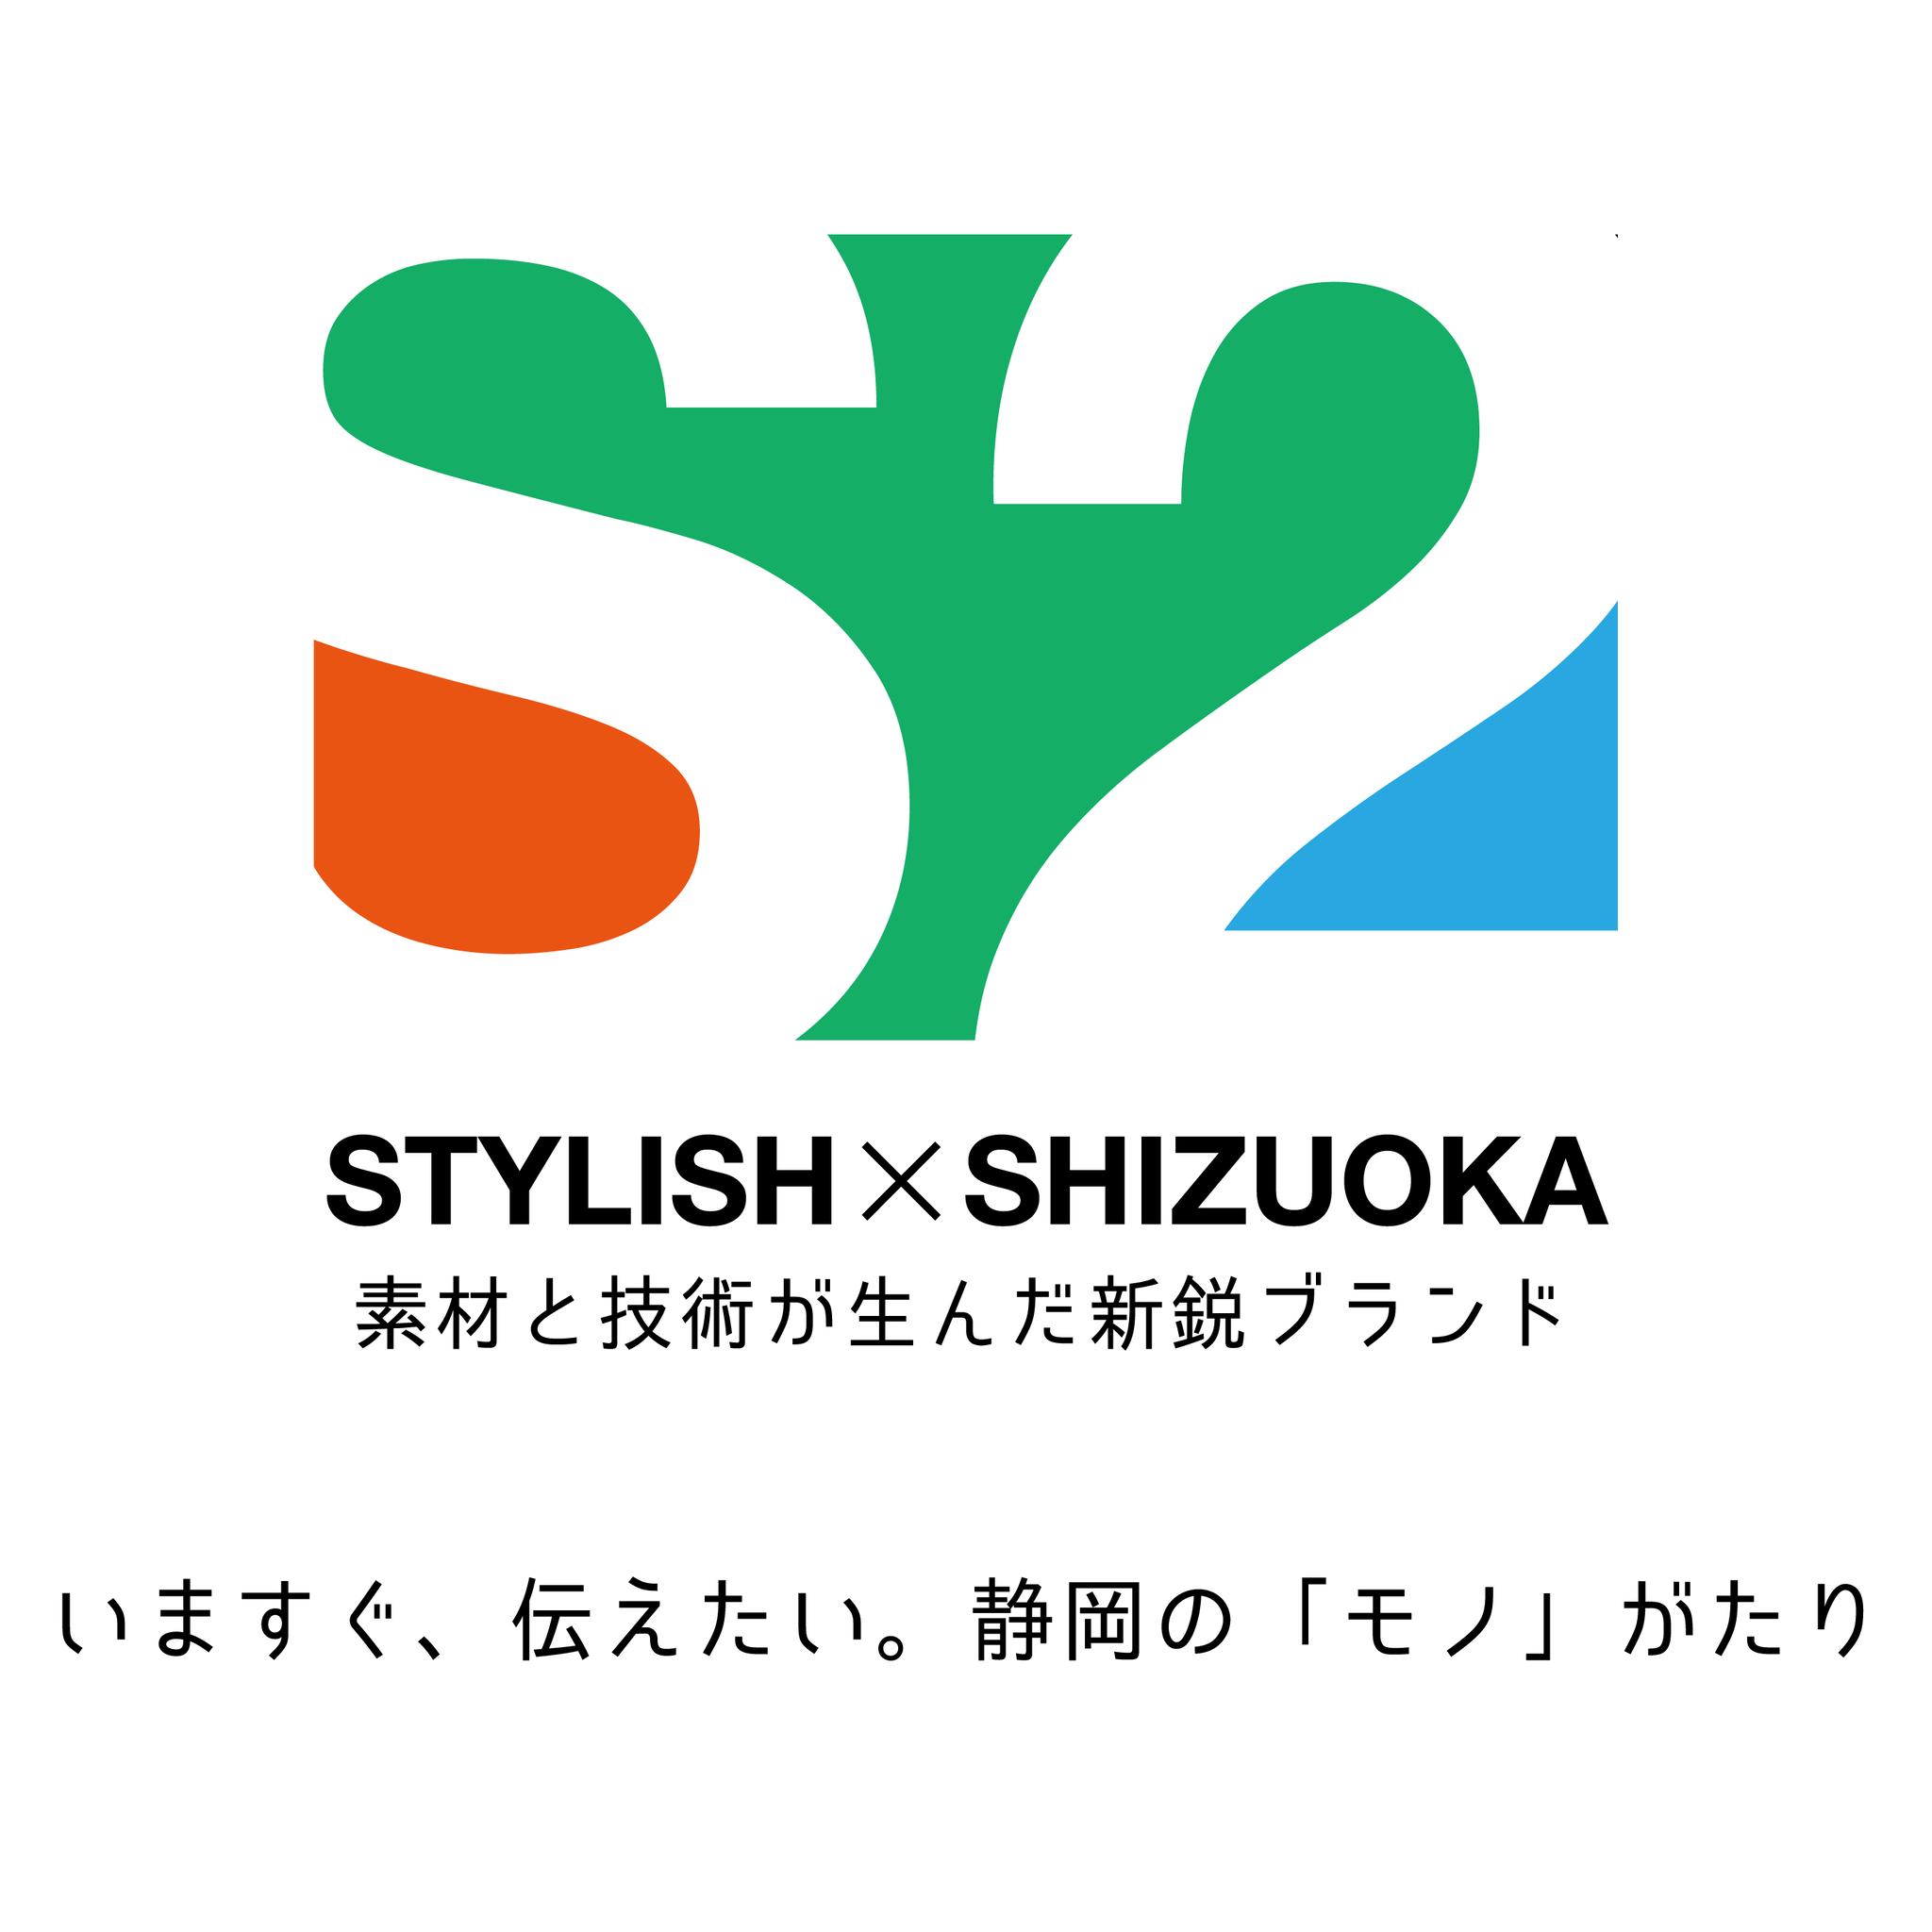 STYLISH×SHIZUOKA|スタイリッシュシズオカ